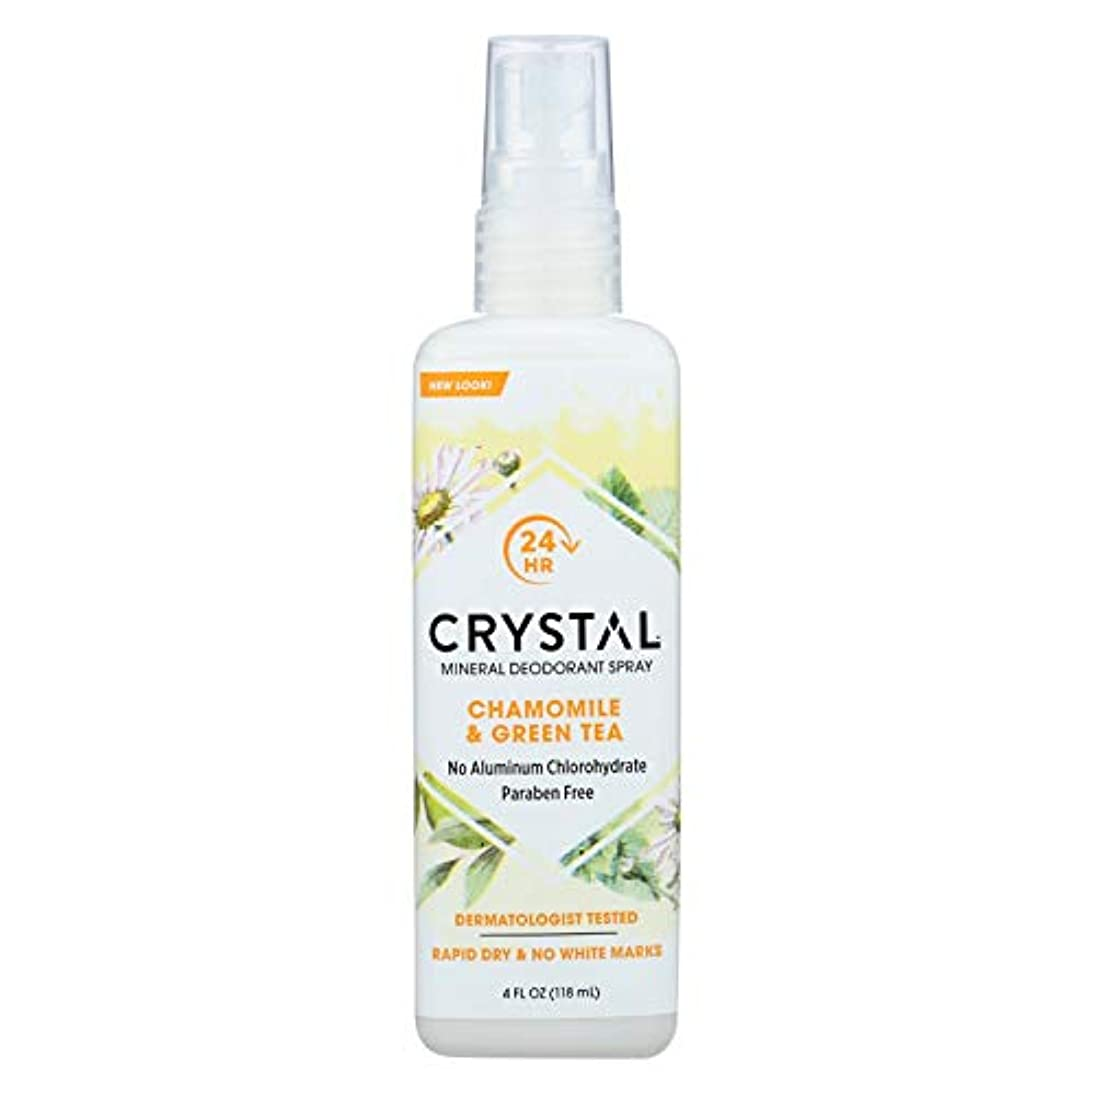 信頼性腸カウンタCrystal Body Deodorant - 水晶本質のフランスの運輸Chamomile及び緑茶によるミネラル防臭剤ボディスプレー - 4ポンド